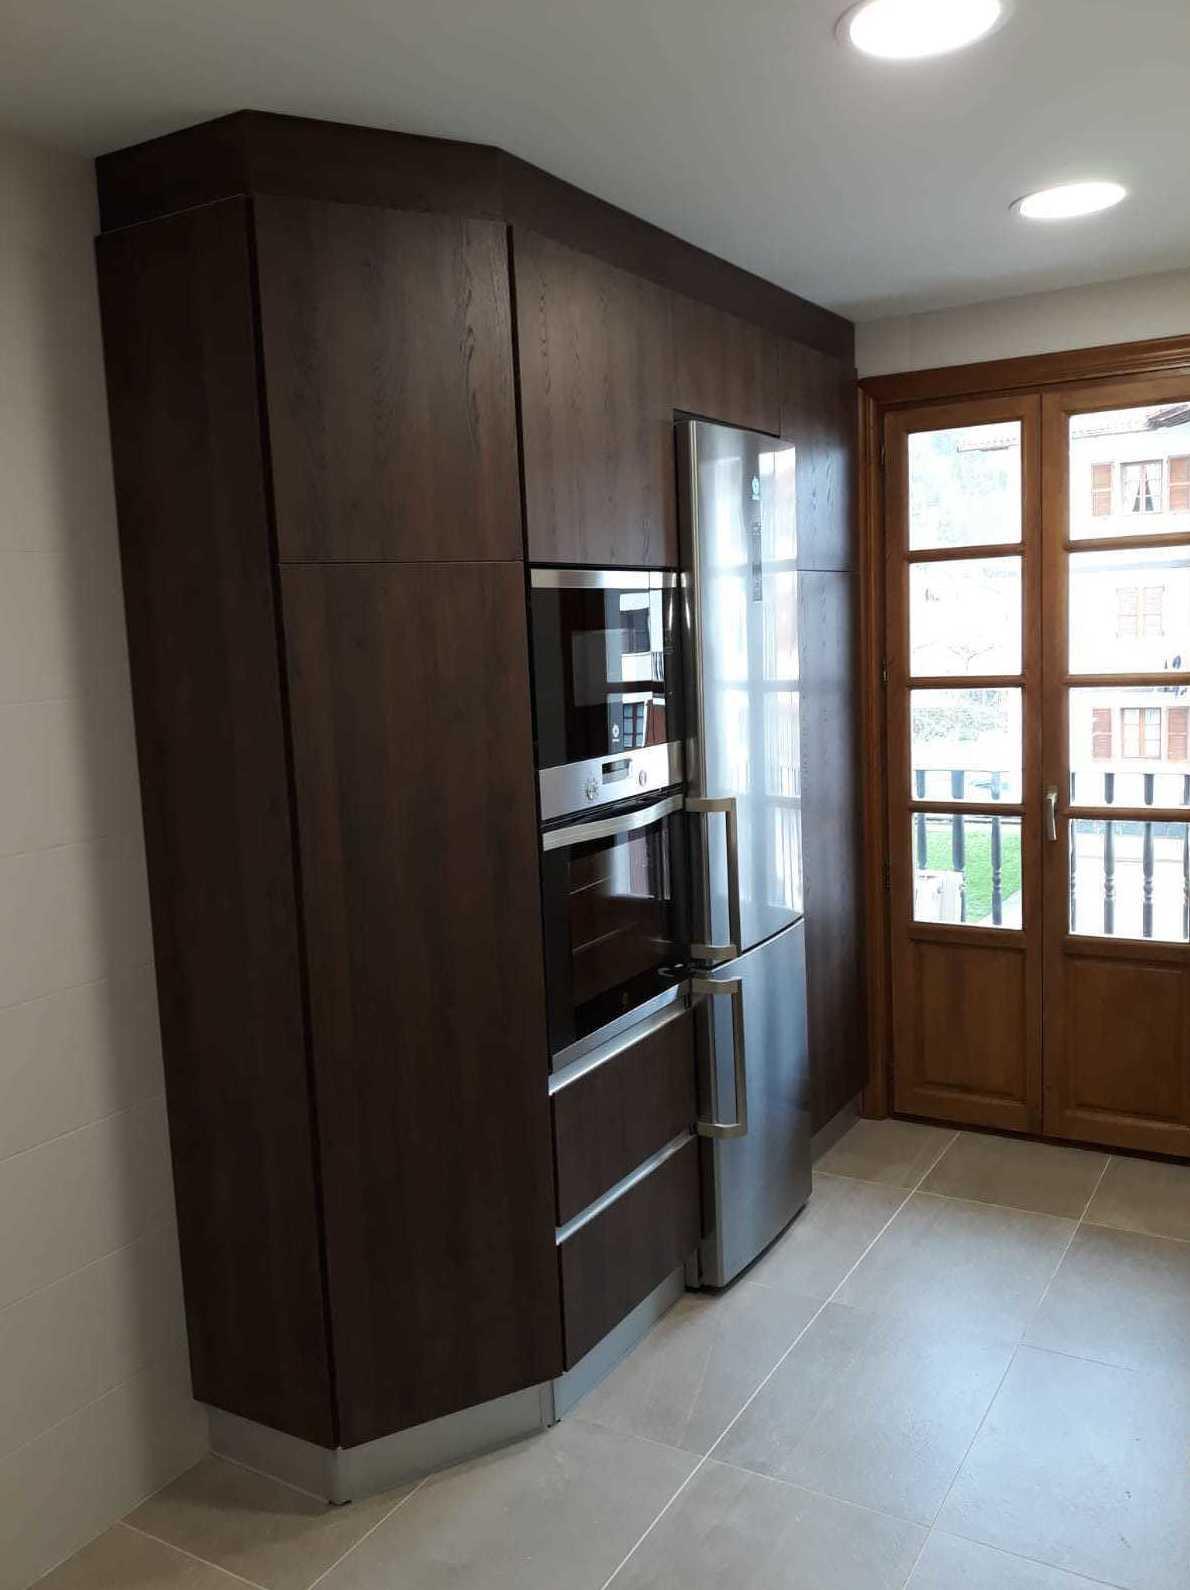 Foto 16 de Electrodomésticos y muebles en  | Electrodomésticos Miguelena